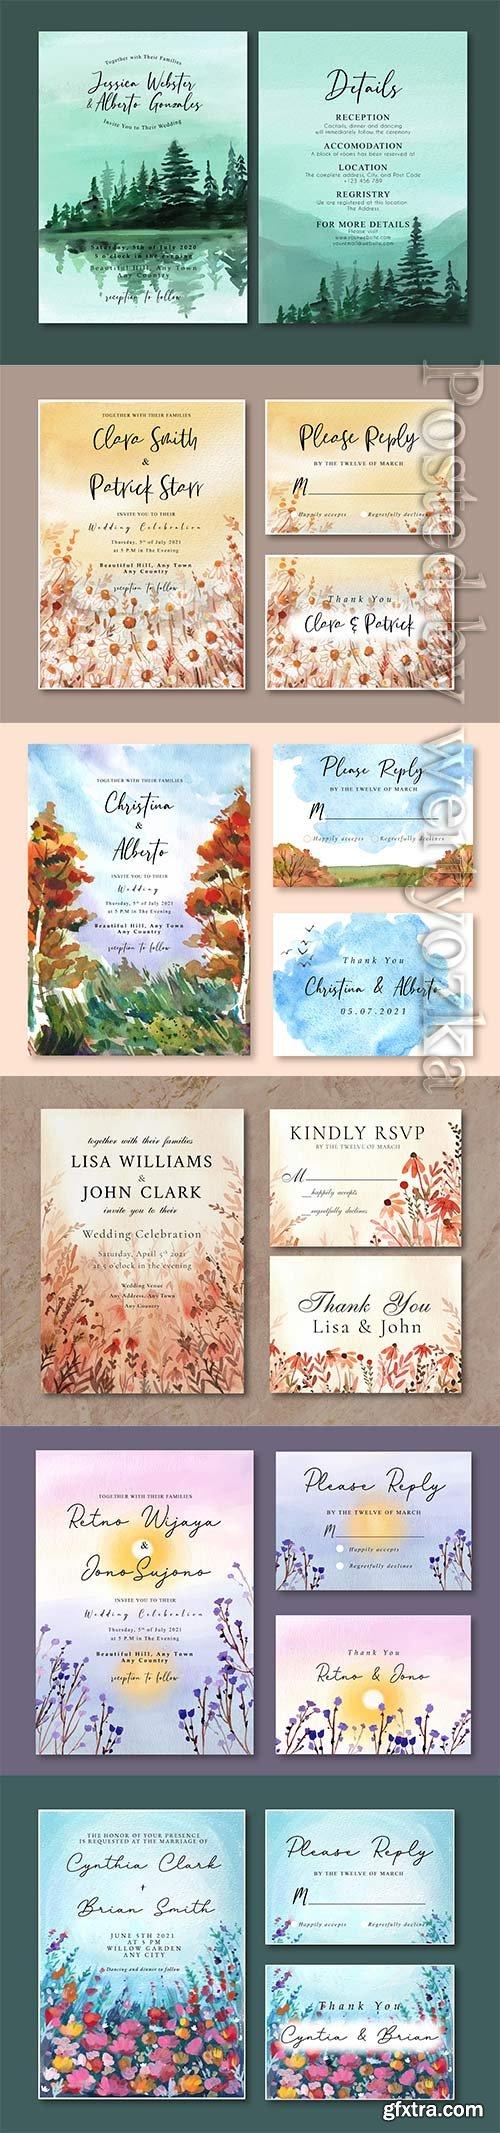 Watercolor wedding invitation vector card